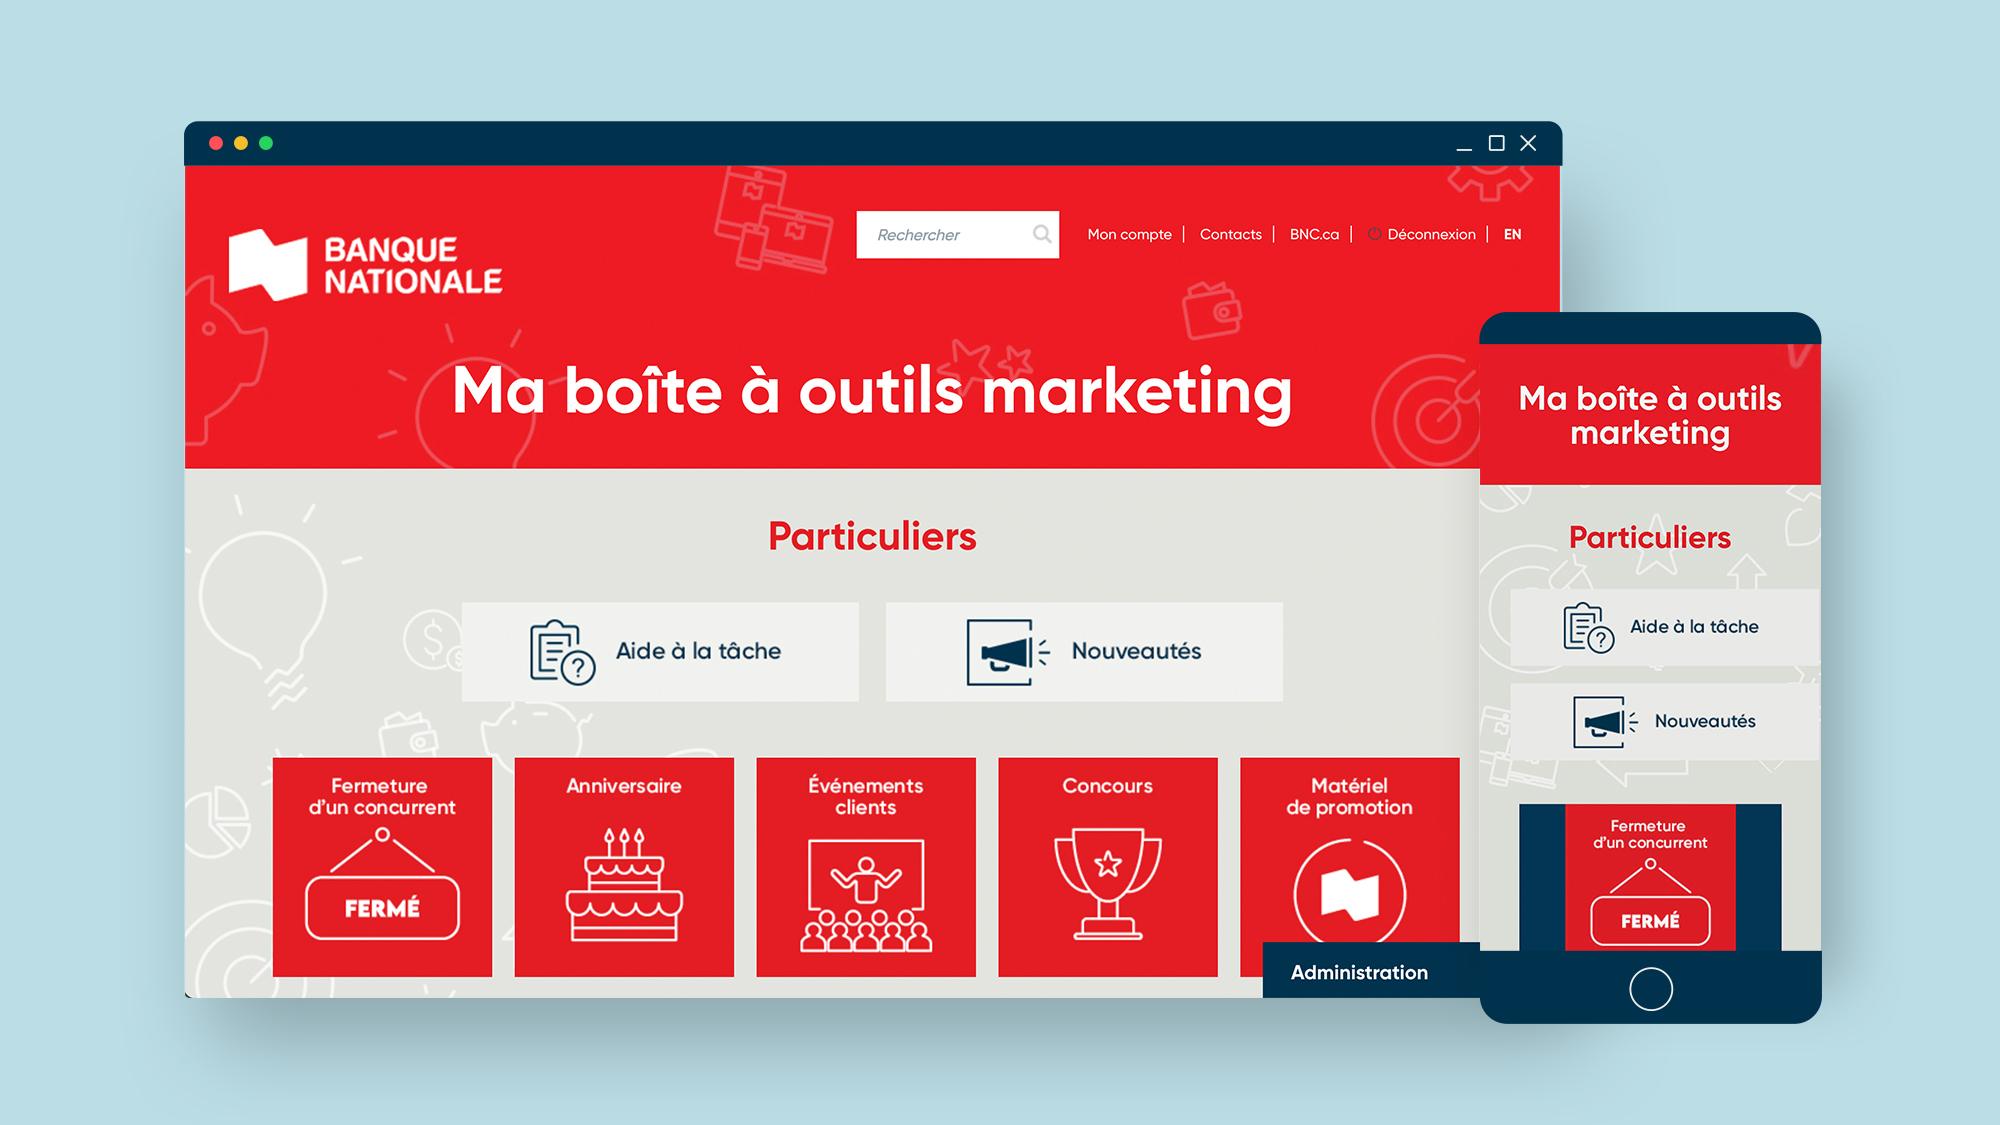 Banque Nationale - Boite a outils - Contenu numerique